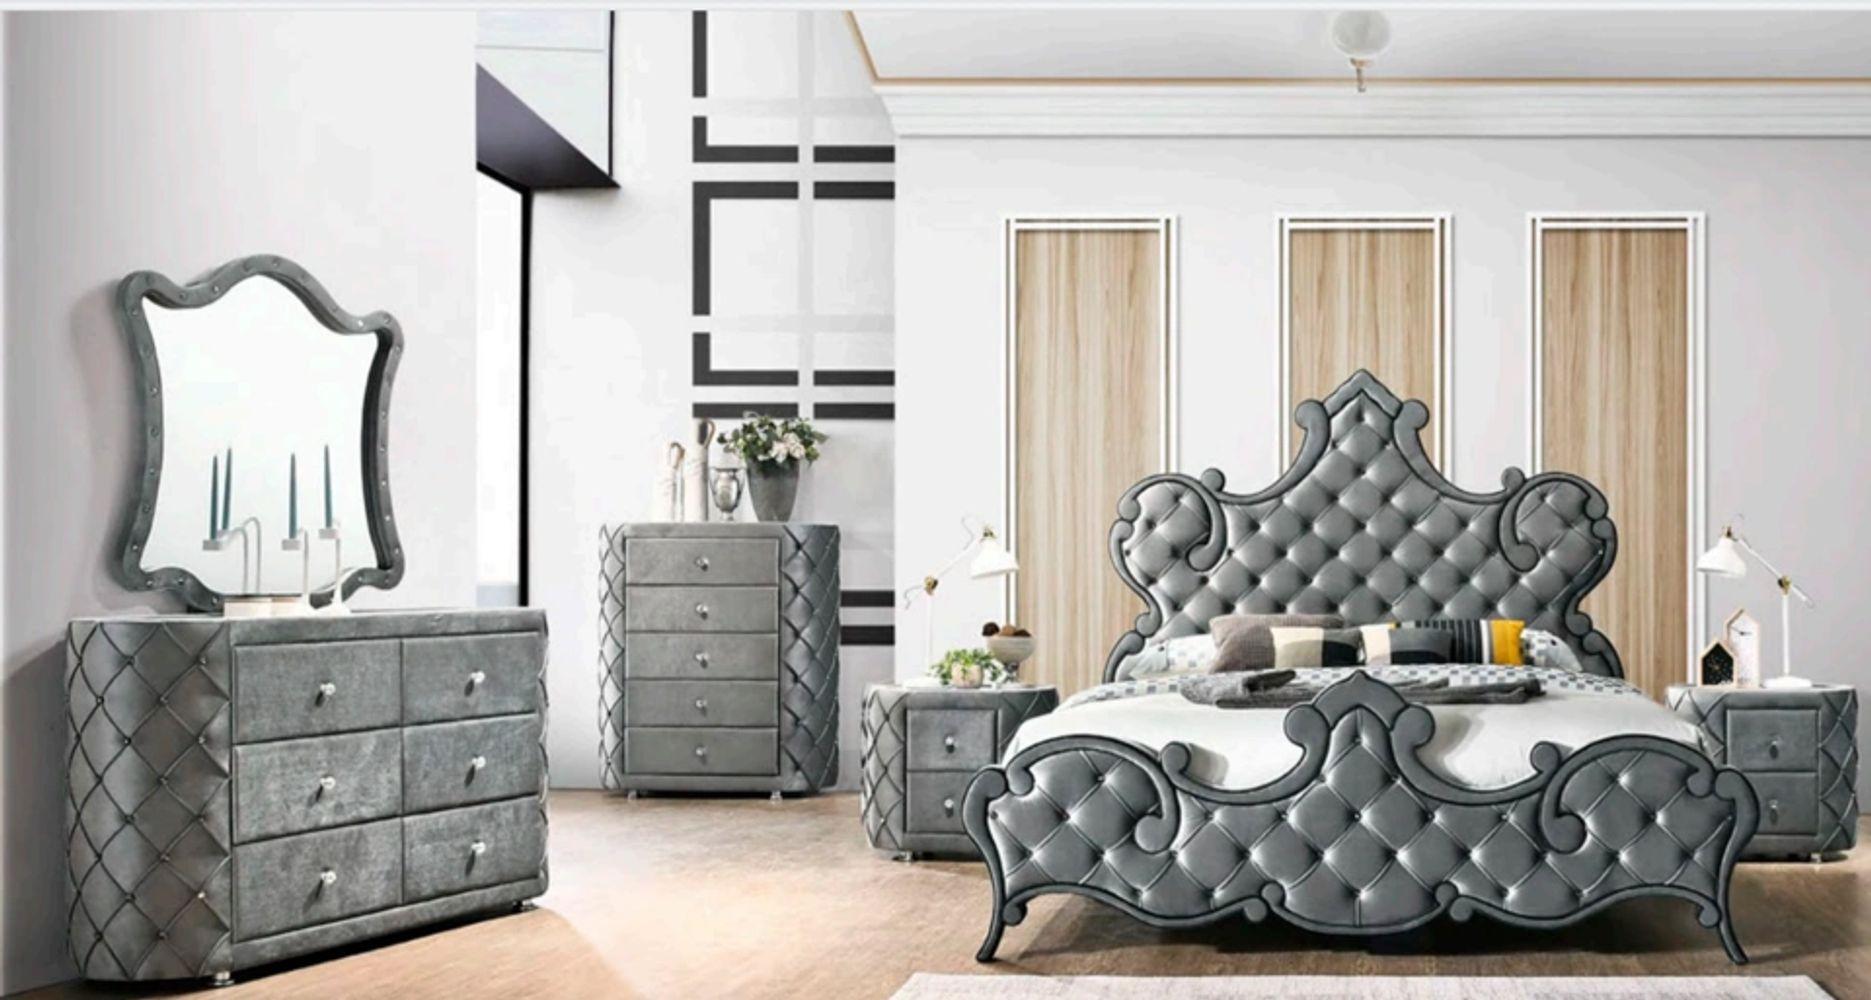 Home Center Furniture Store Louisville Kentucky